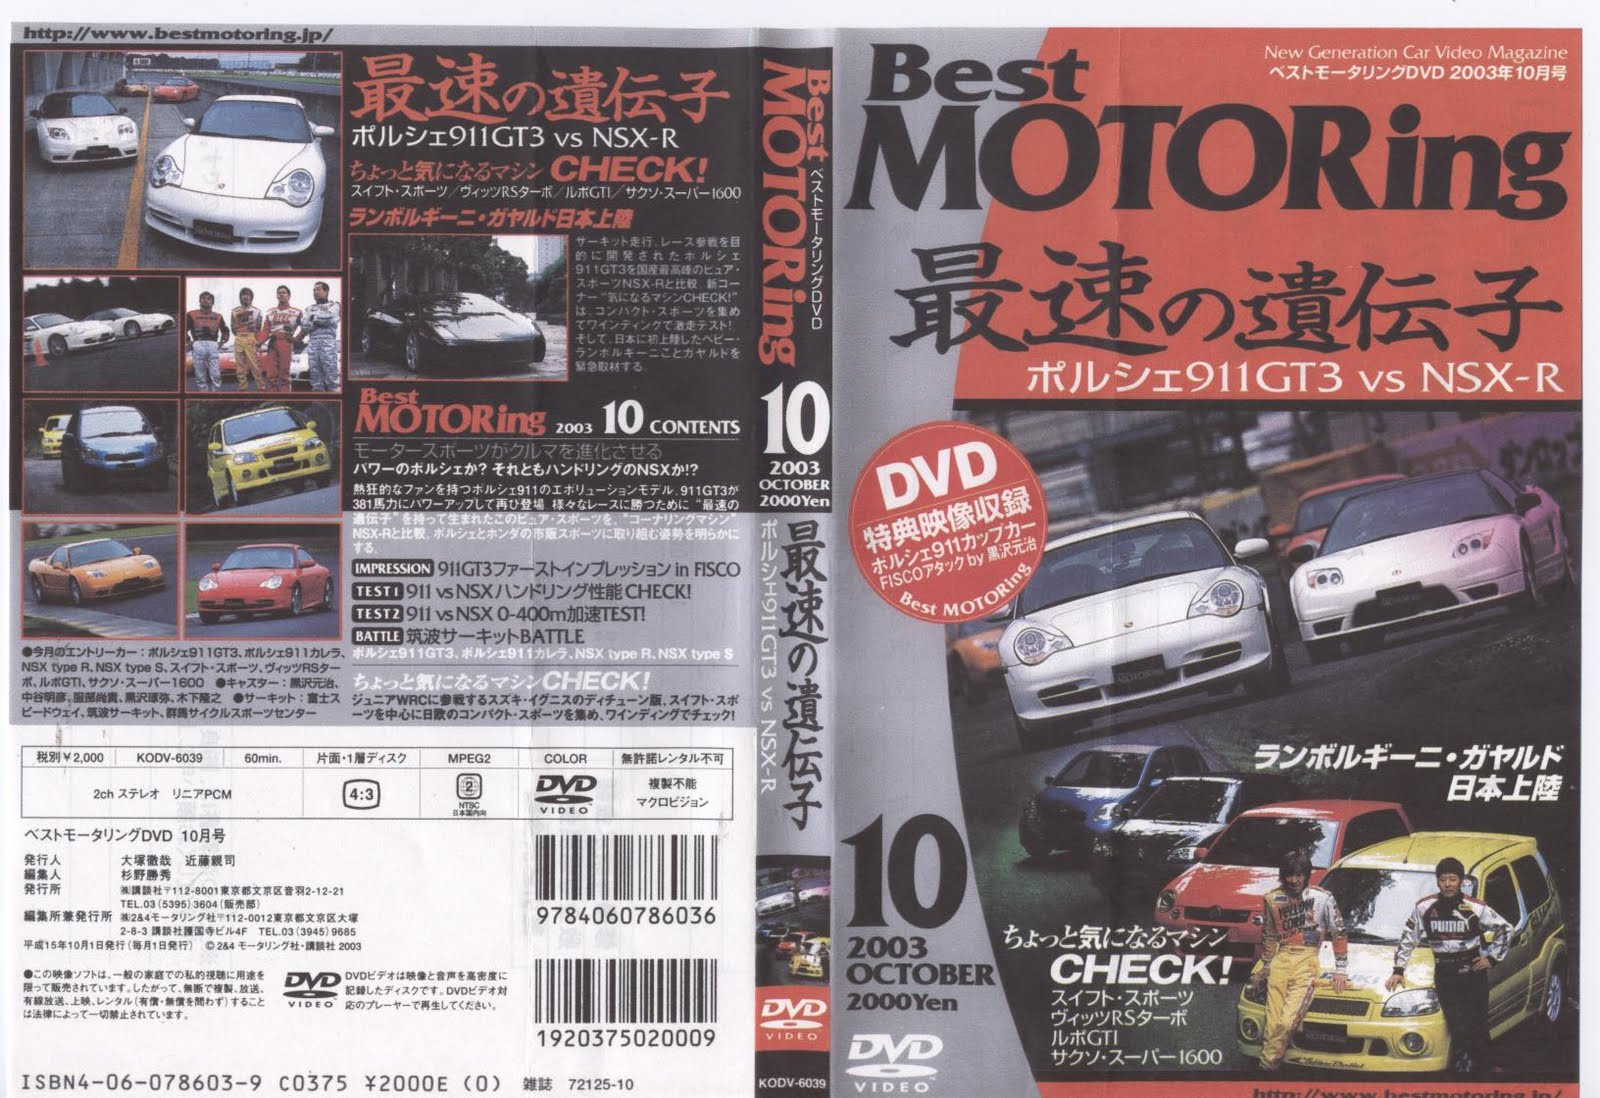 World Of Ht81s Jdm Swift Sport 2010 Per Tein Suzuki Zc21 Best Motoring October 2003 Edition